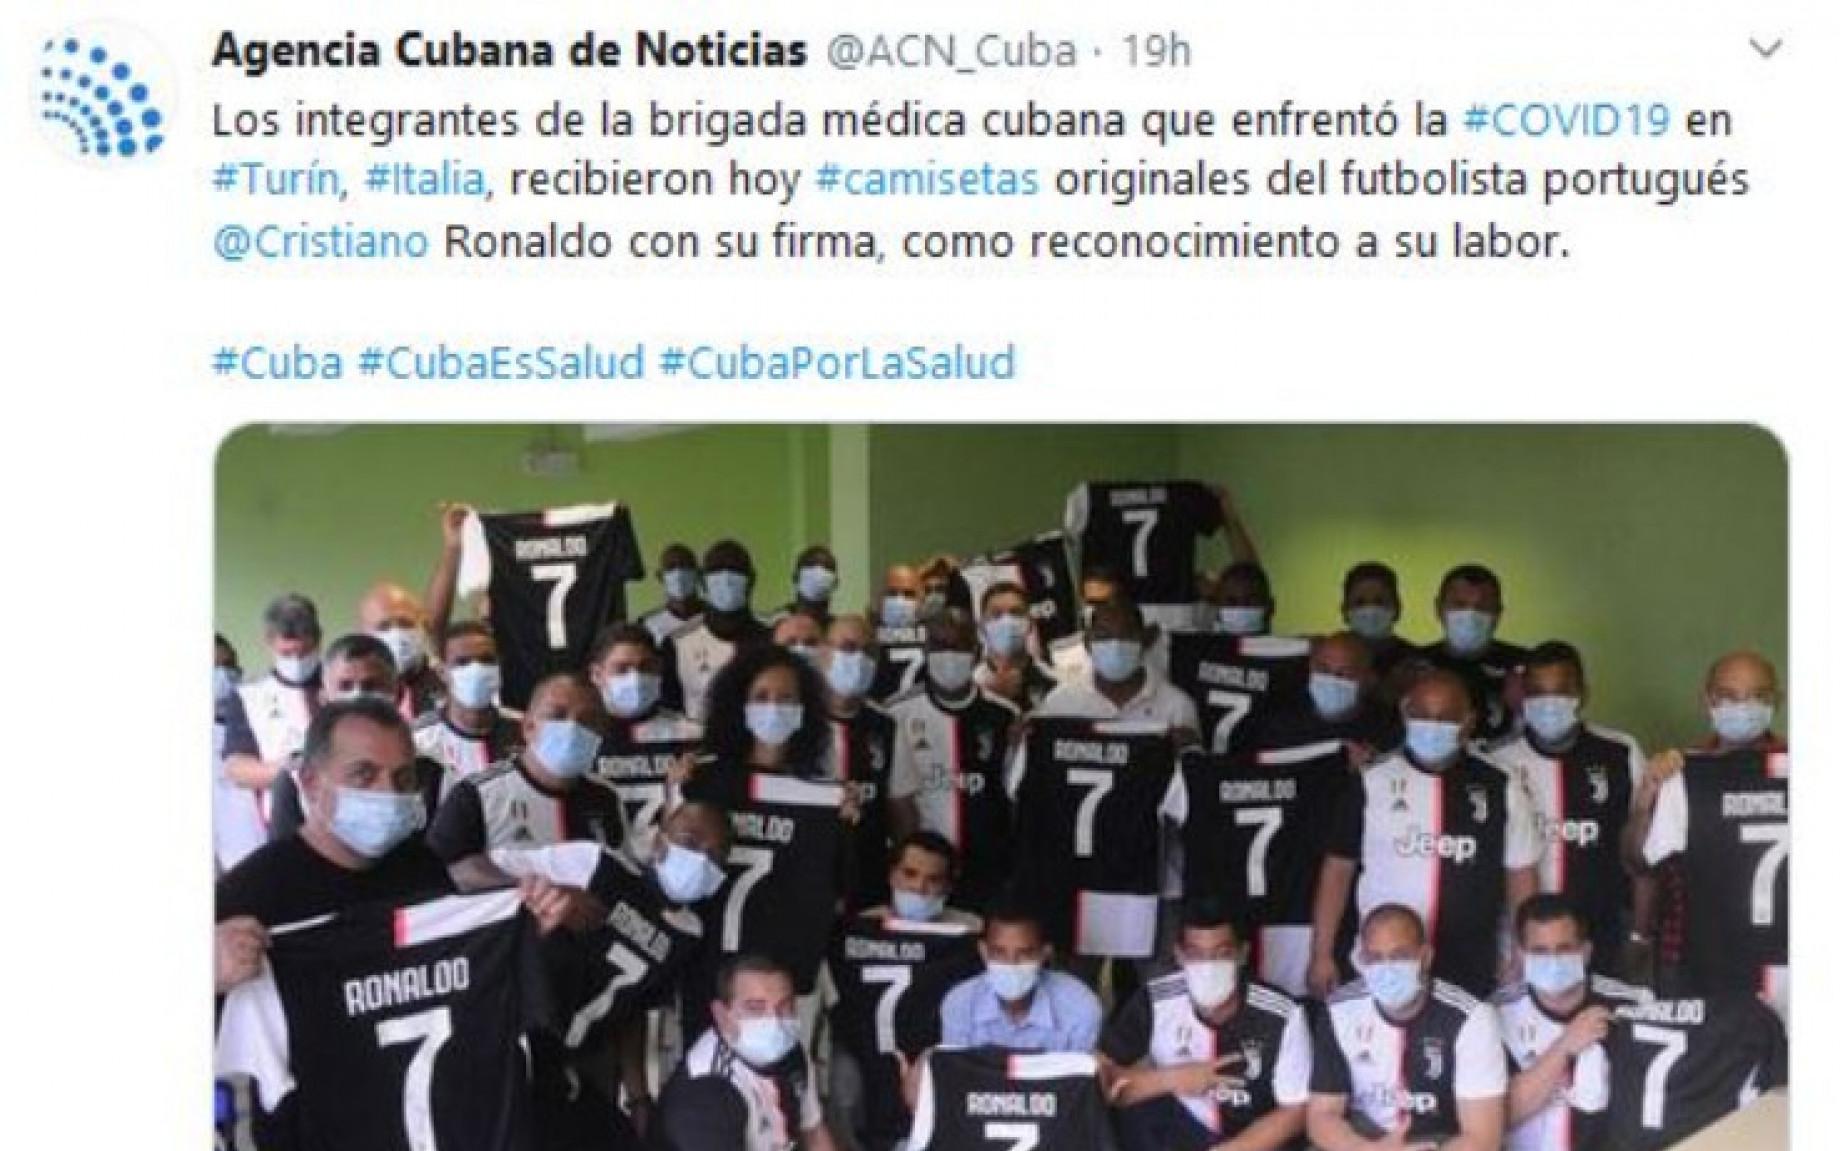 Cristiano Ronaldo maglia donazione medici cubani screen